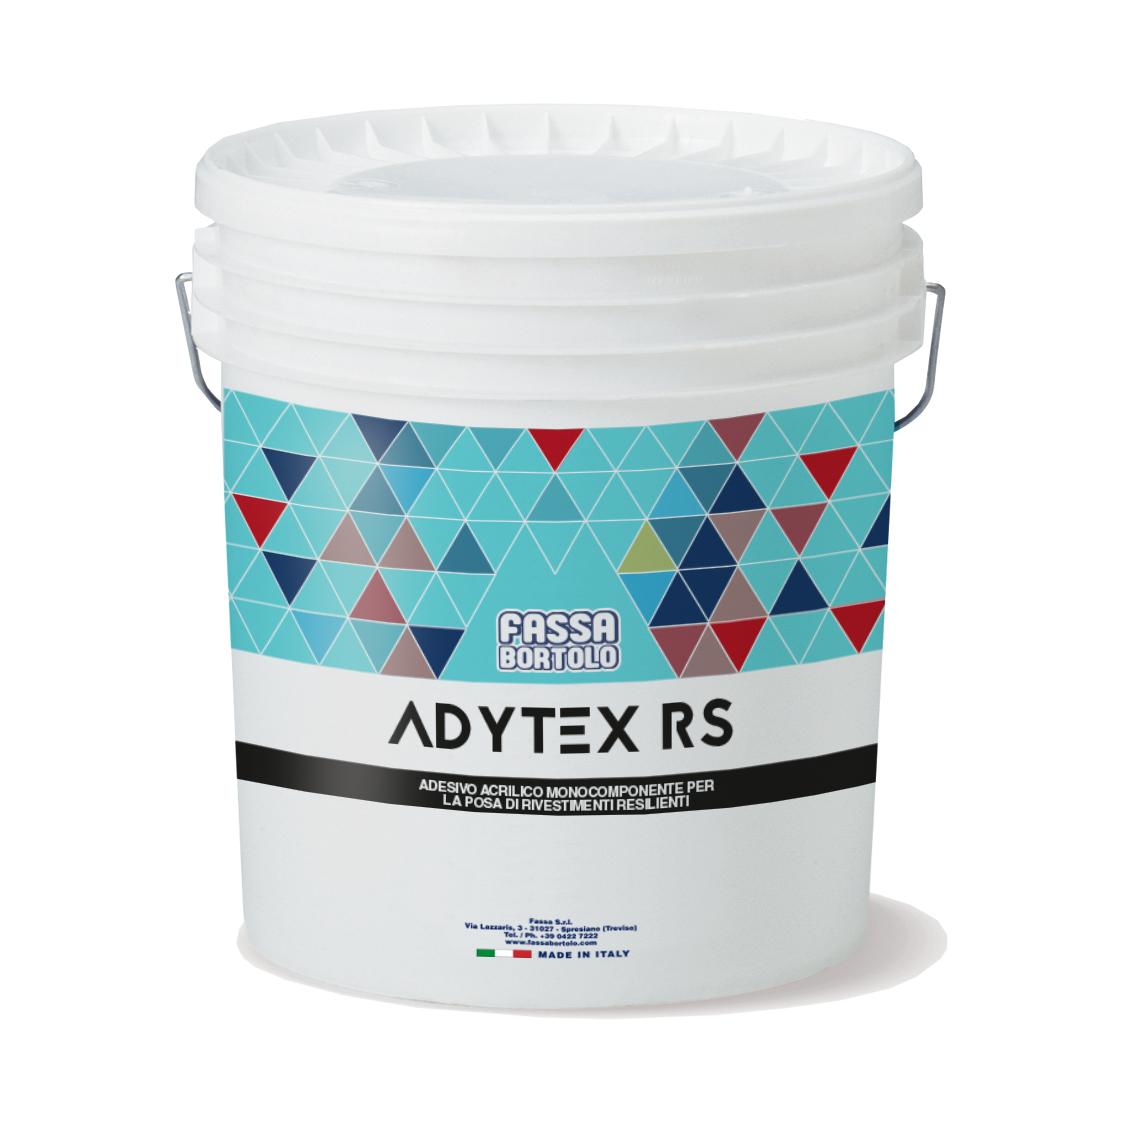 ADYTEX RS: Einkomponentiger Acrylkleber mit hoher Anfangshaftung, für elastische Bodenbeläge im Innenbereich